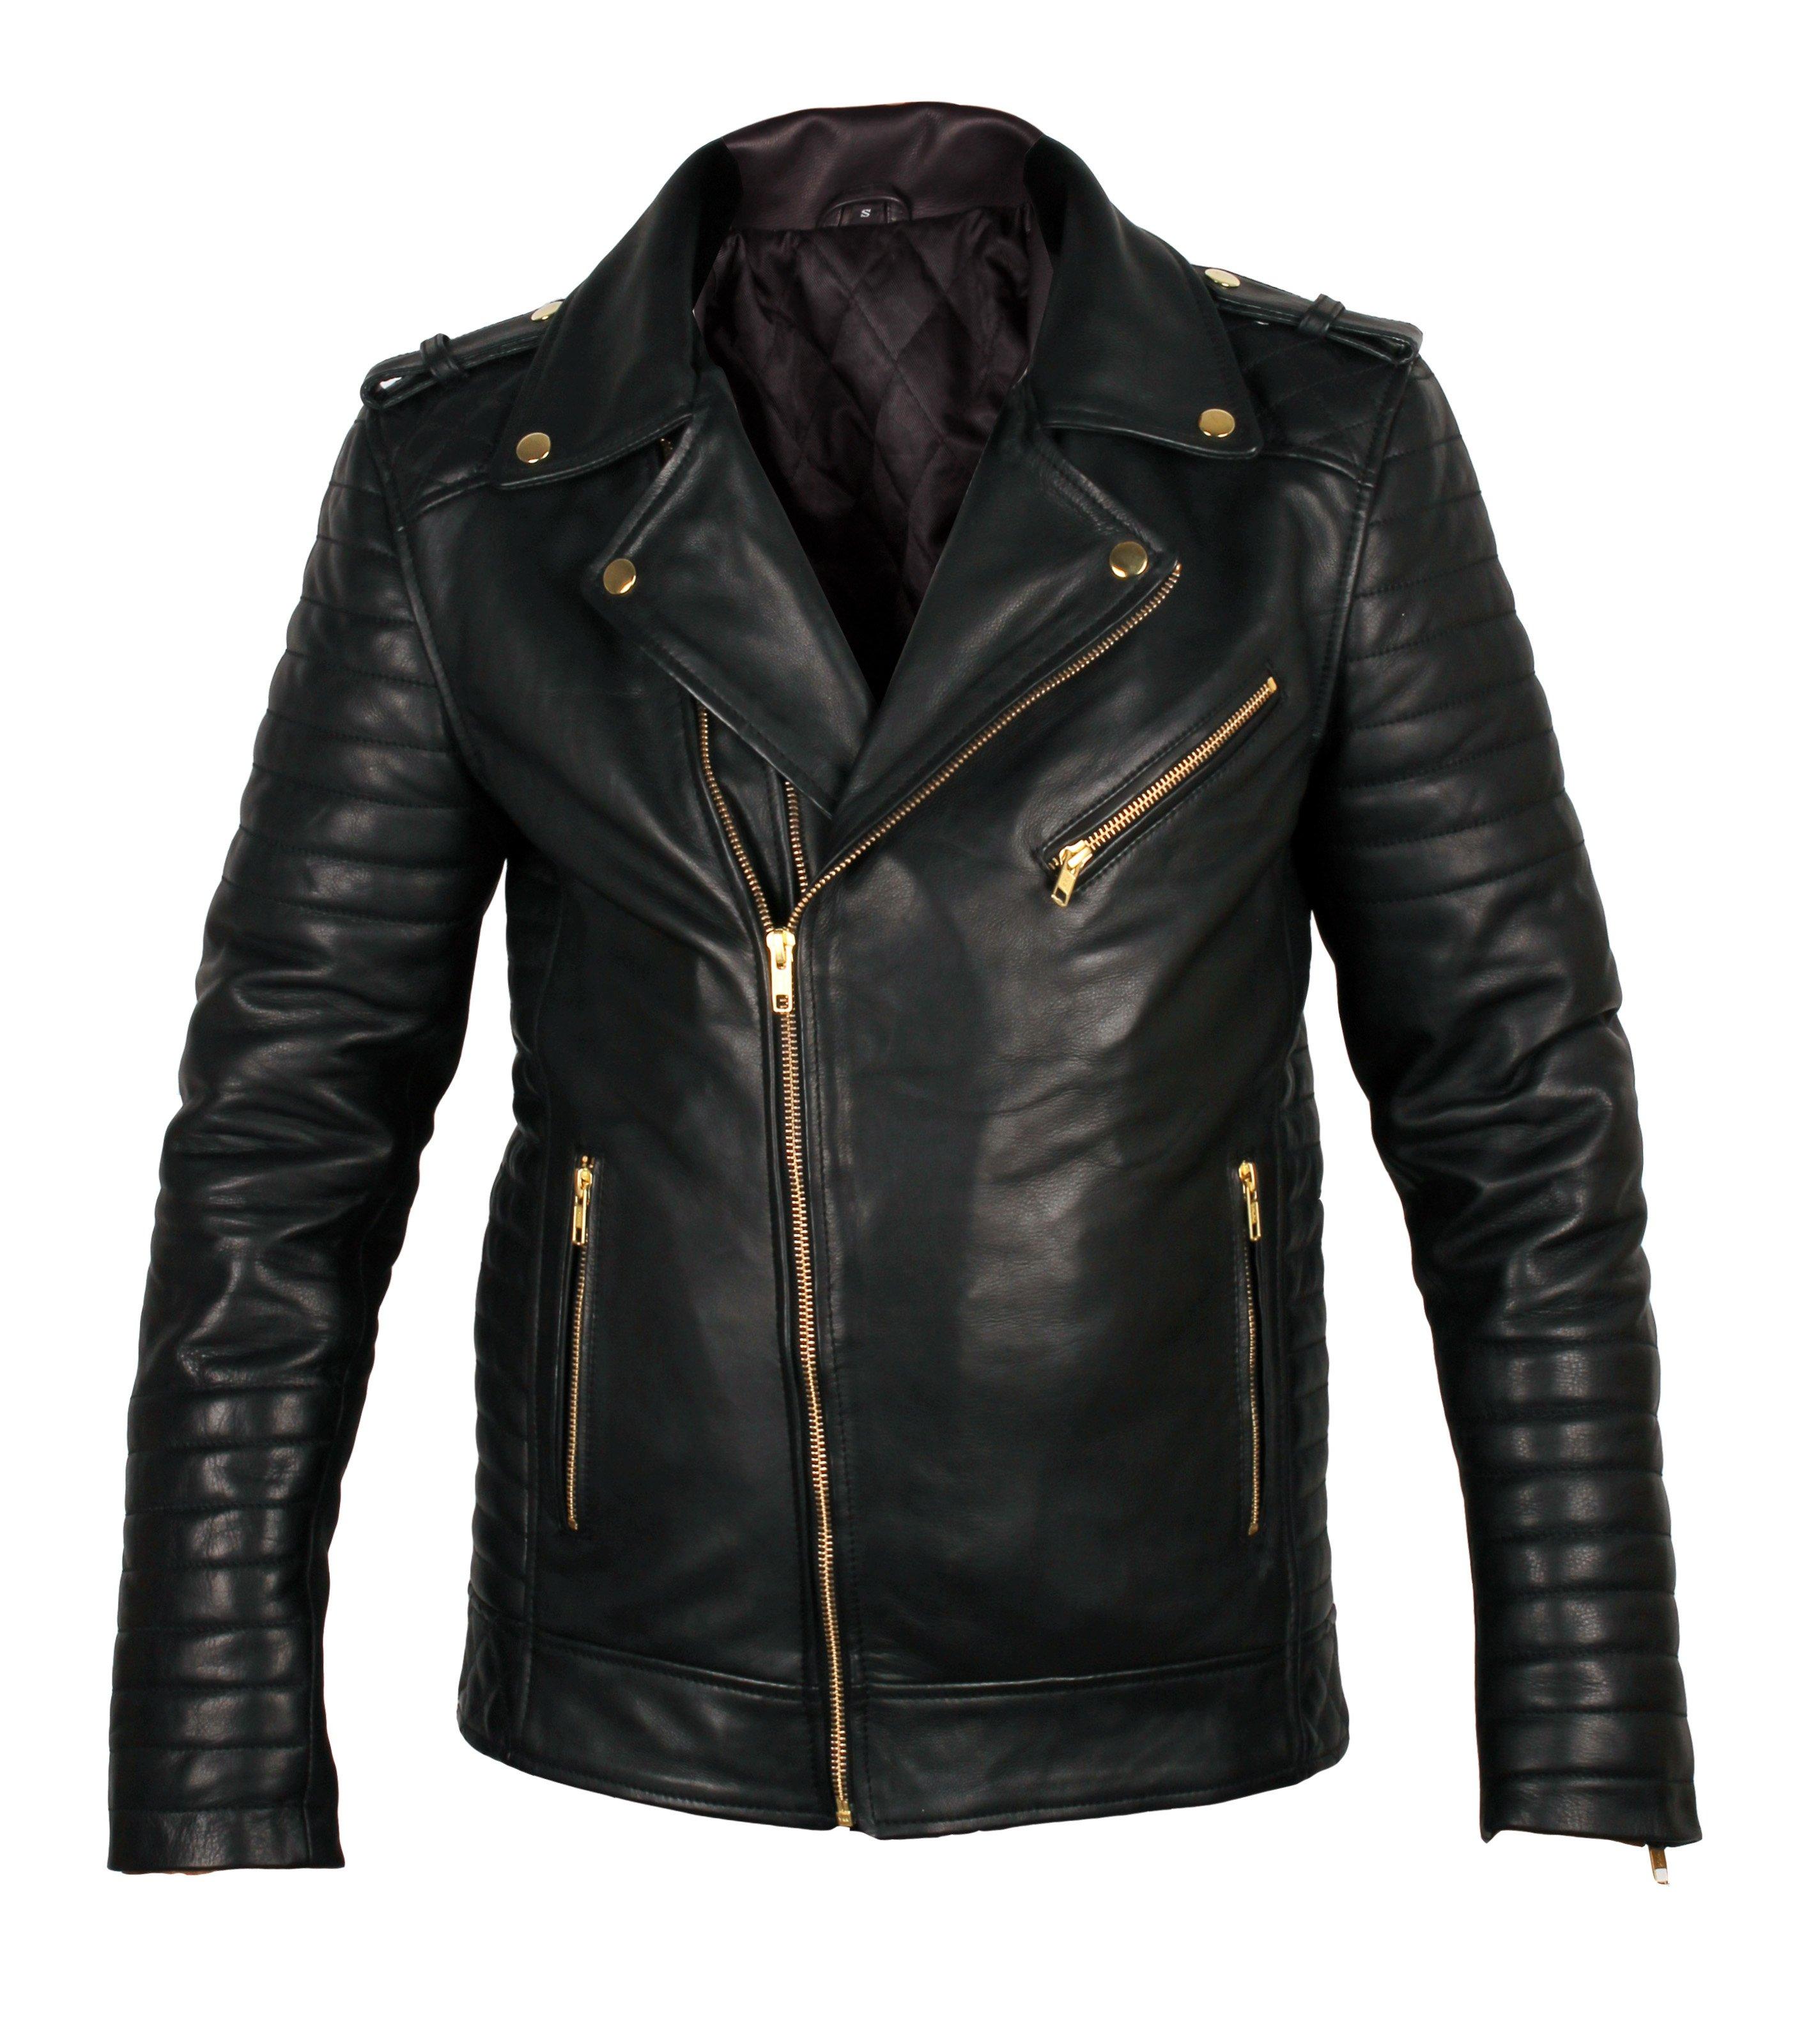 35f045818 Black Biker leather jacket for mens, Mens fashion leather jacket